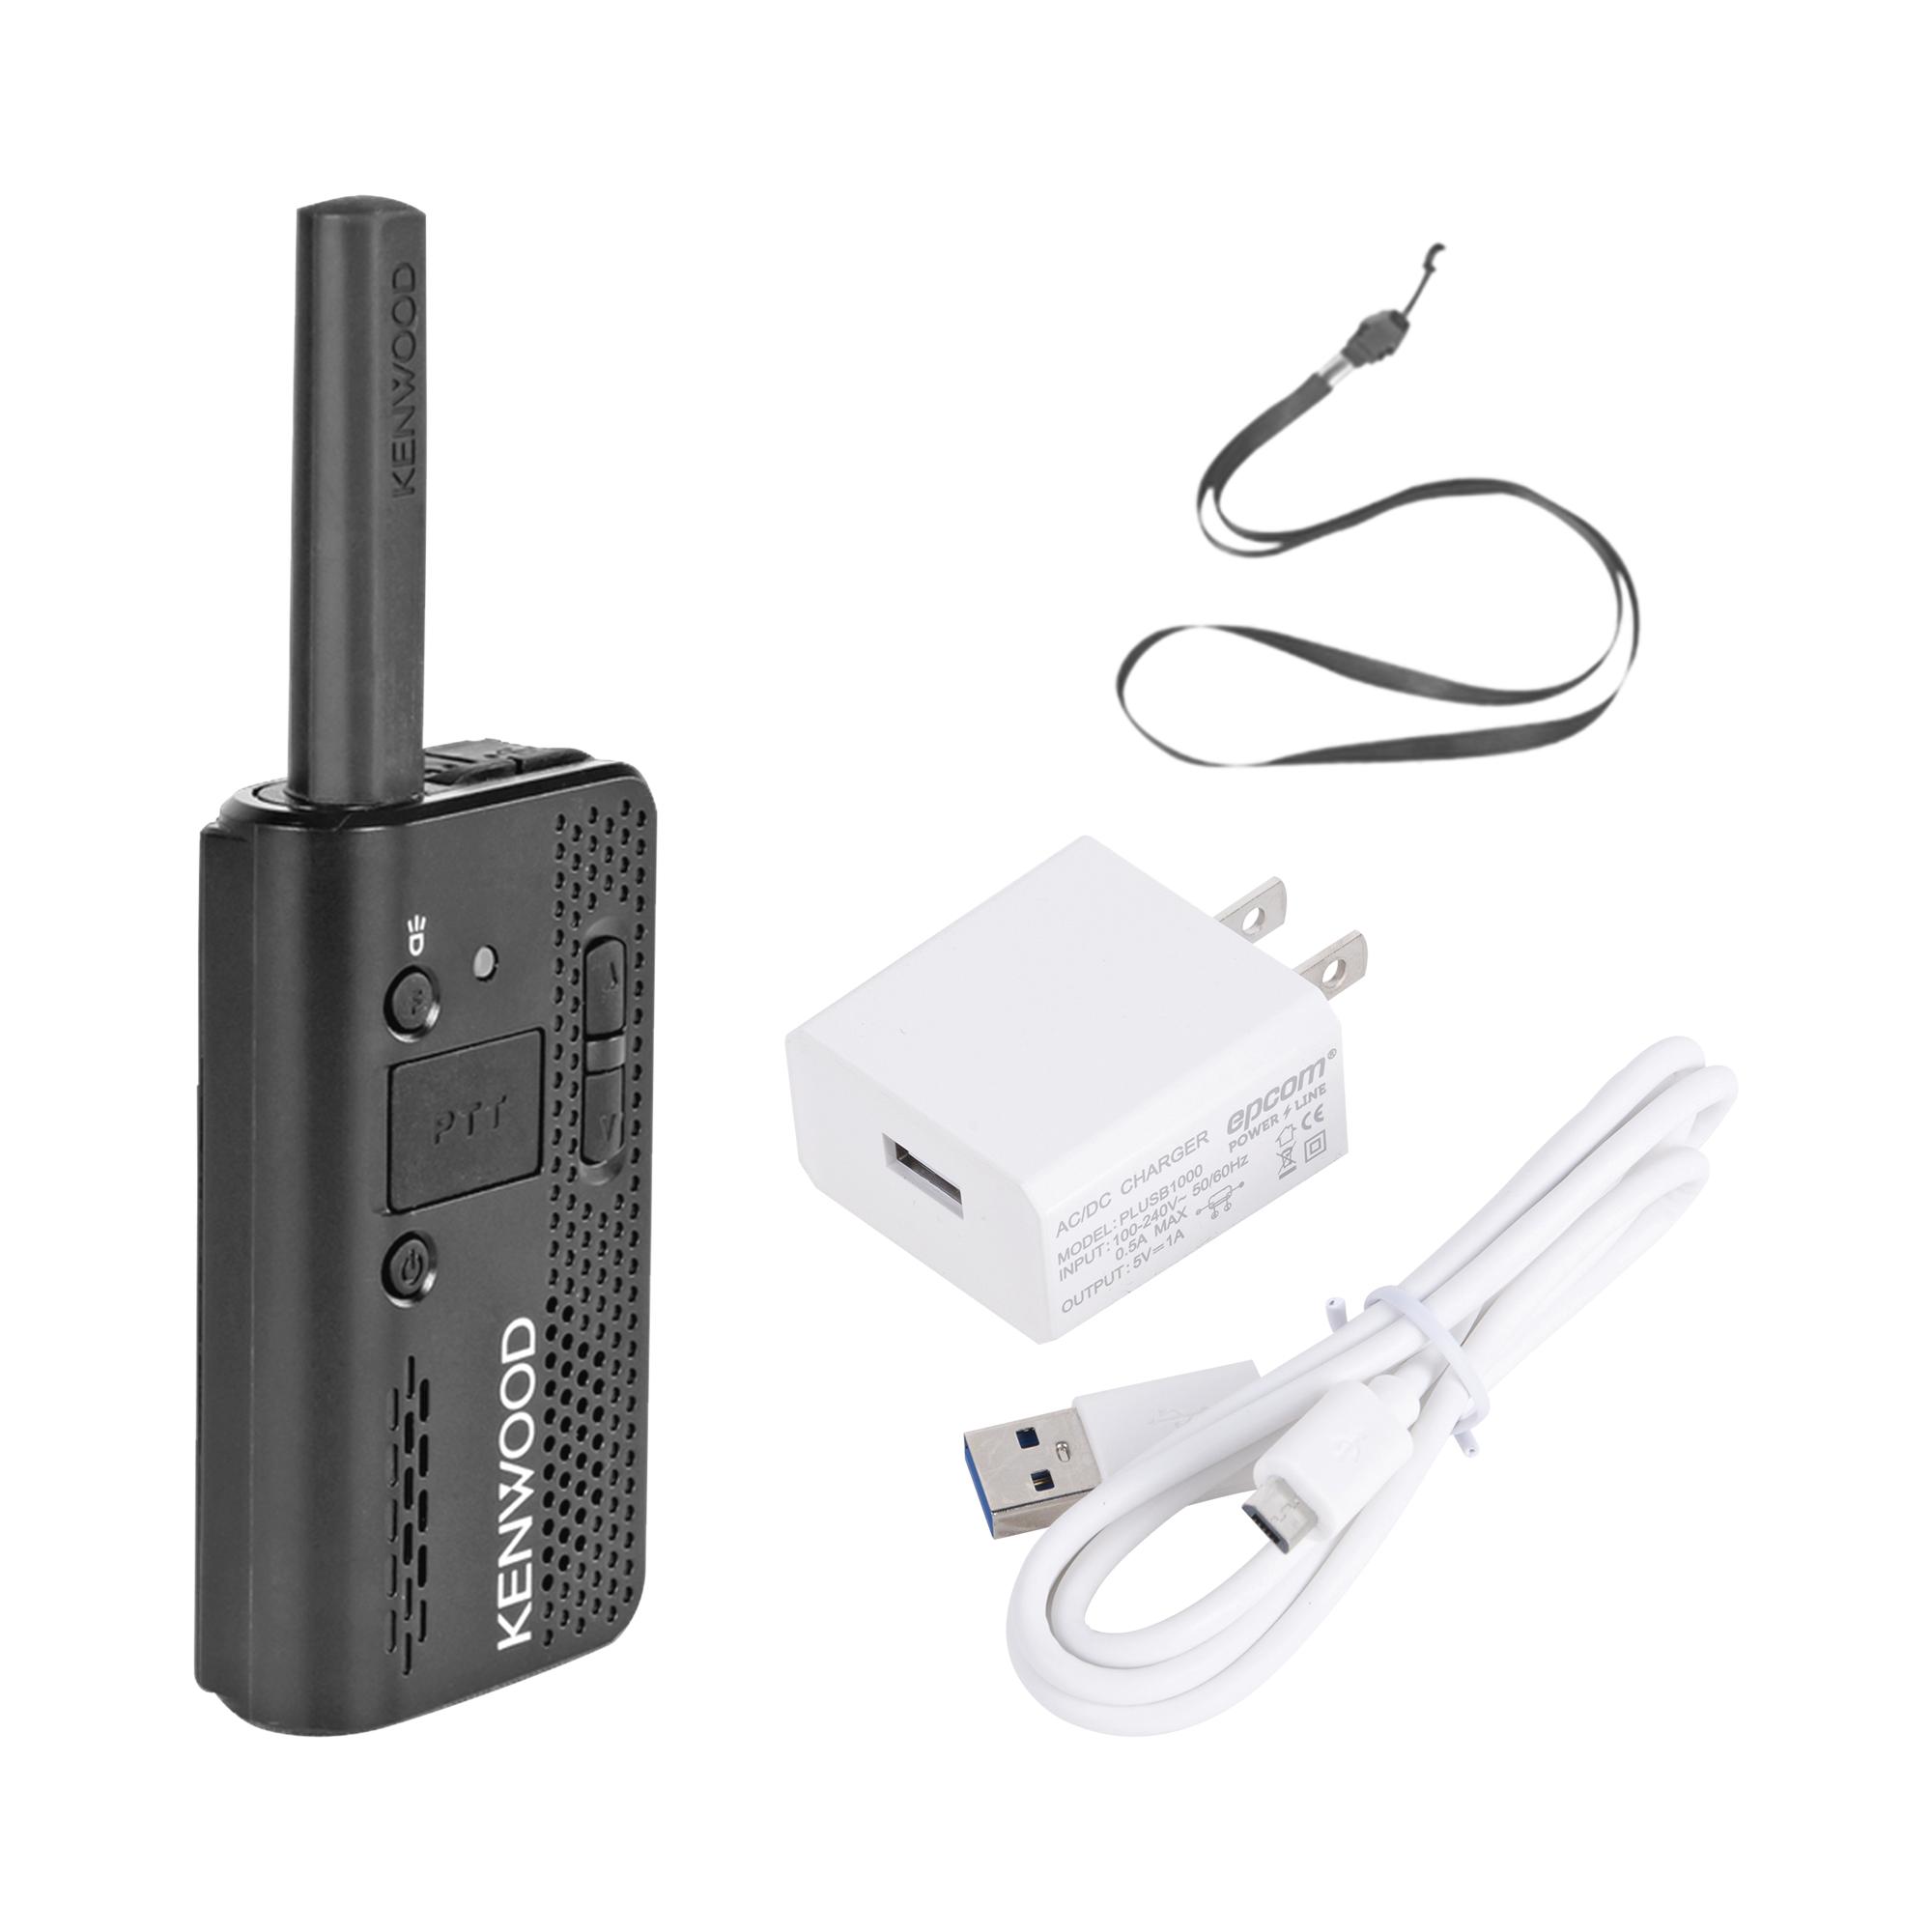 440-480 MHz, 1.5 W, 4 canales, Linterna, MIL-STD-810, IP54. Incluye Antena/Batería/Cargador/Banda